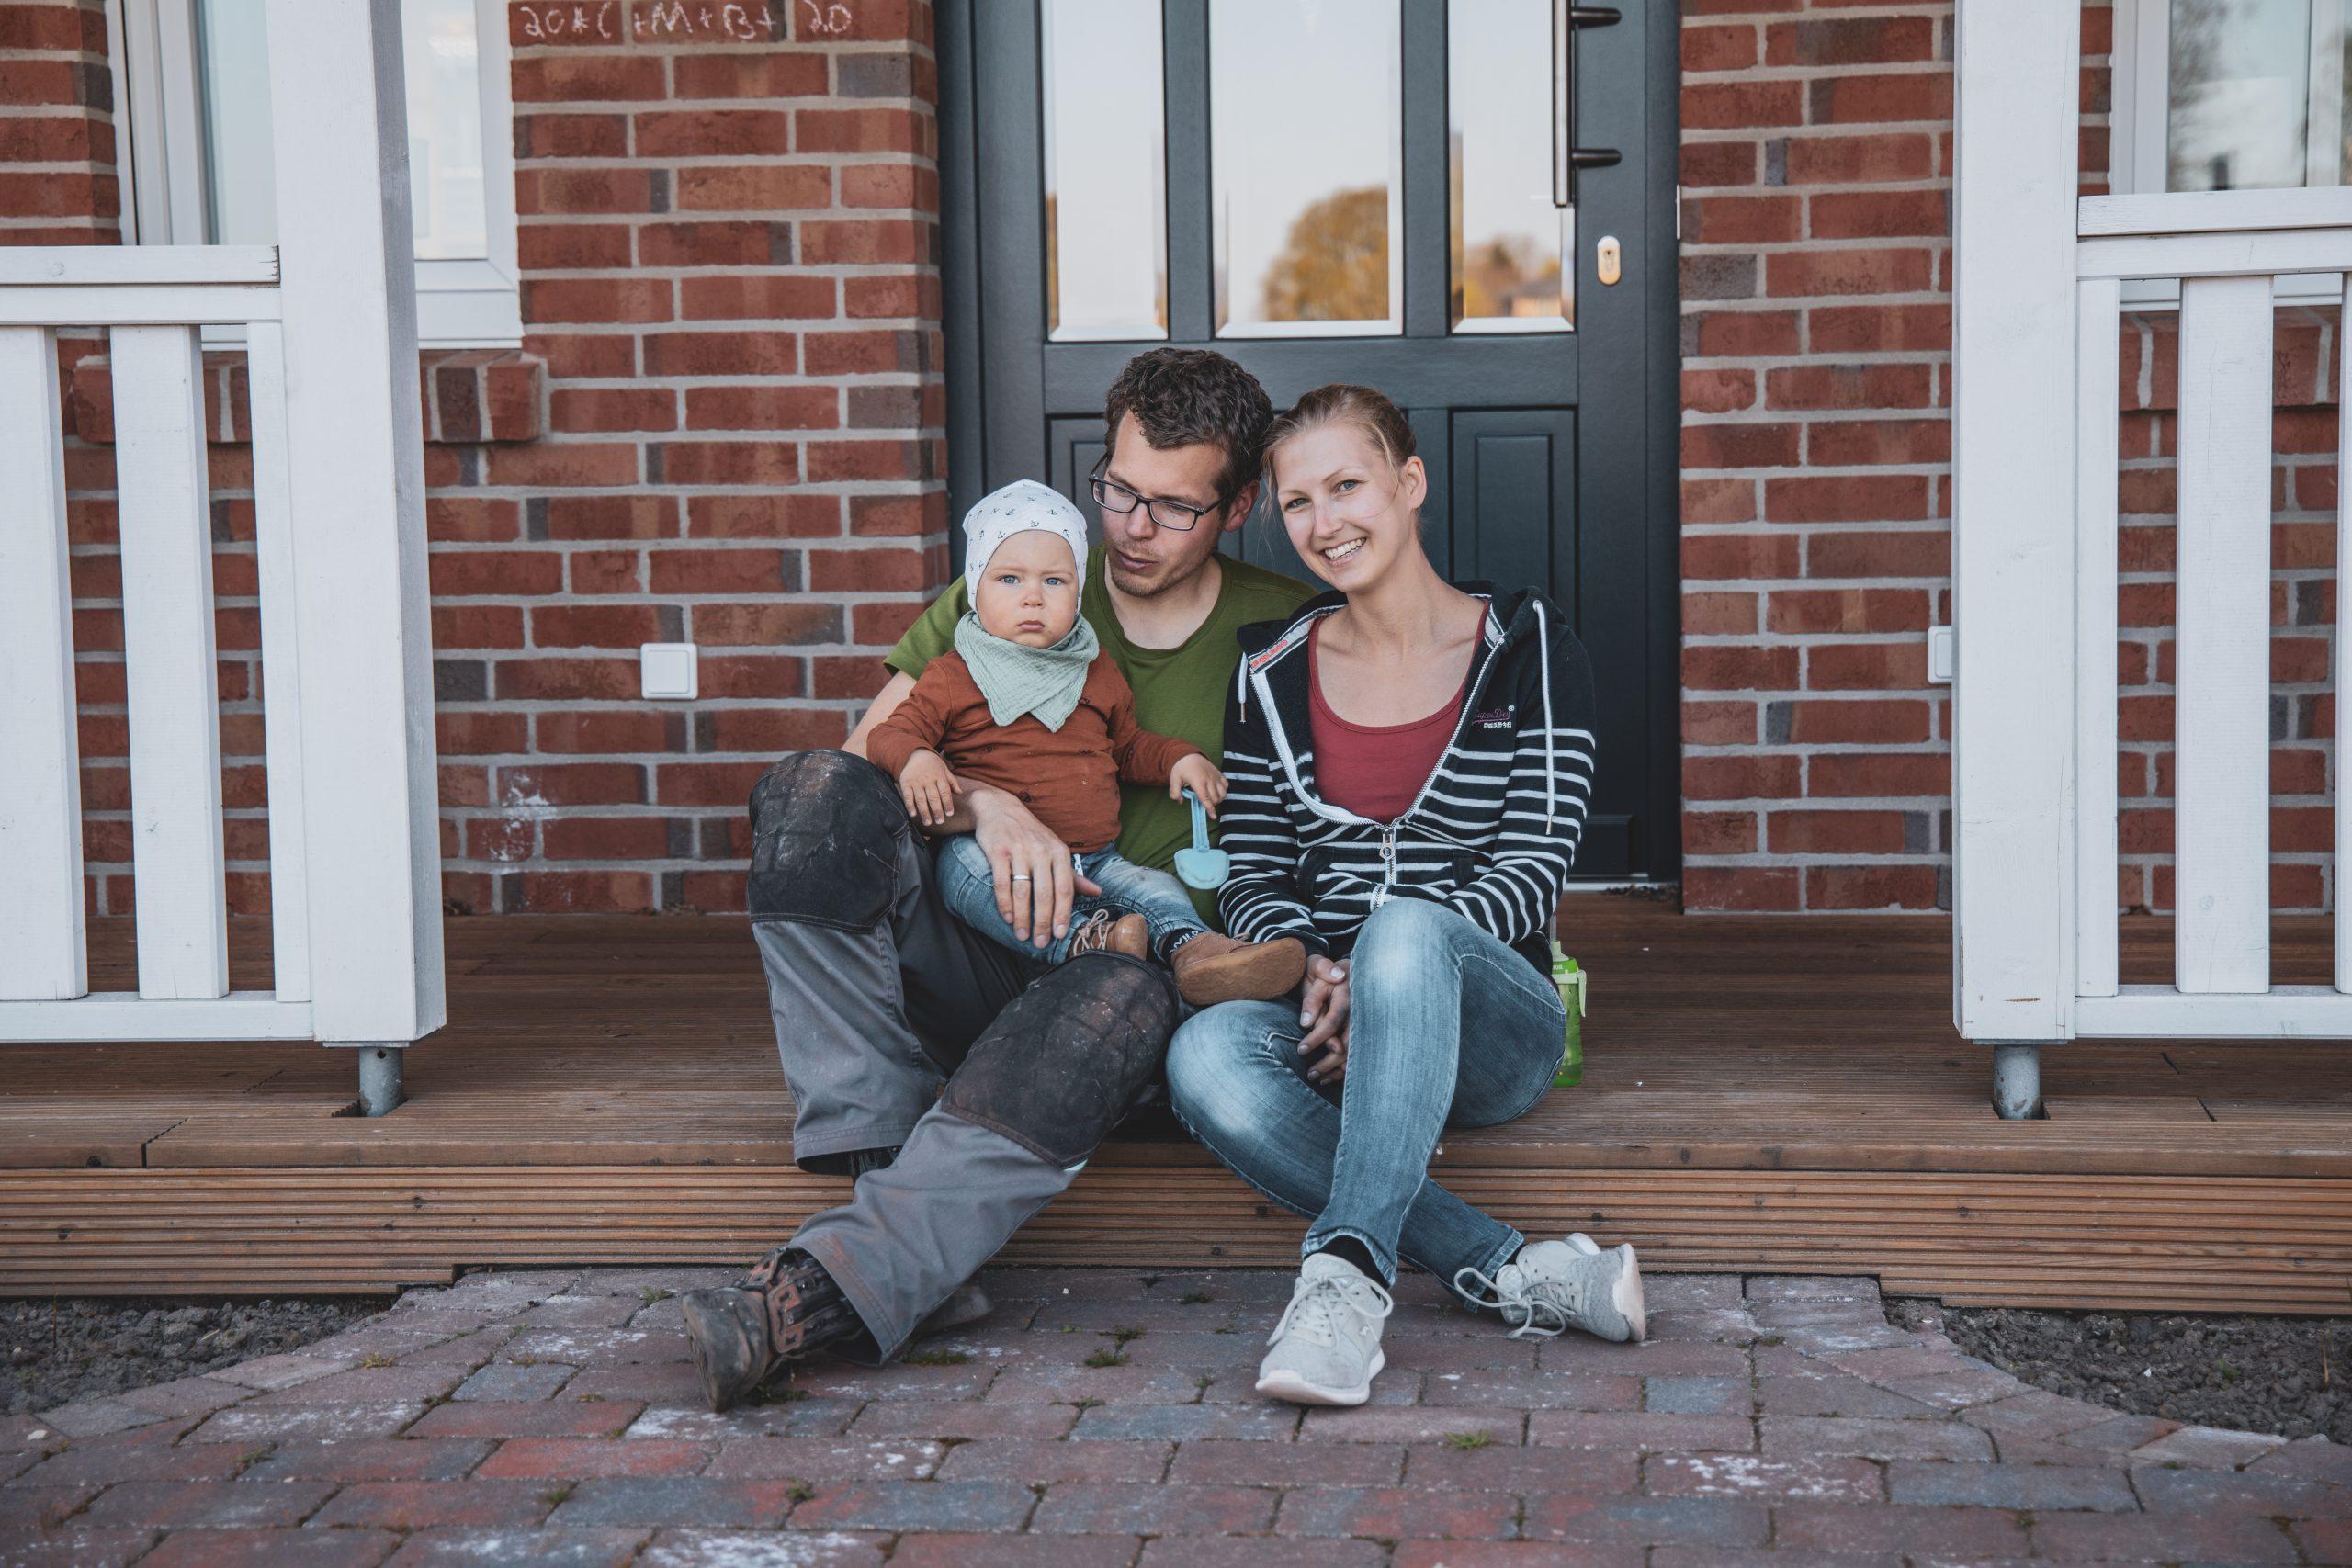 Nadine, hat spontan mit ihrer Familie an der Haustüraktion teilgenommen.